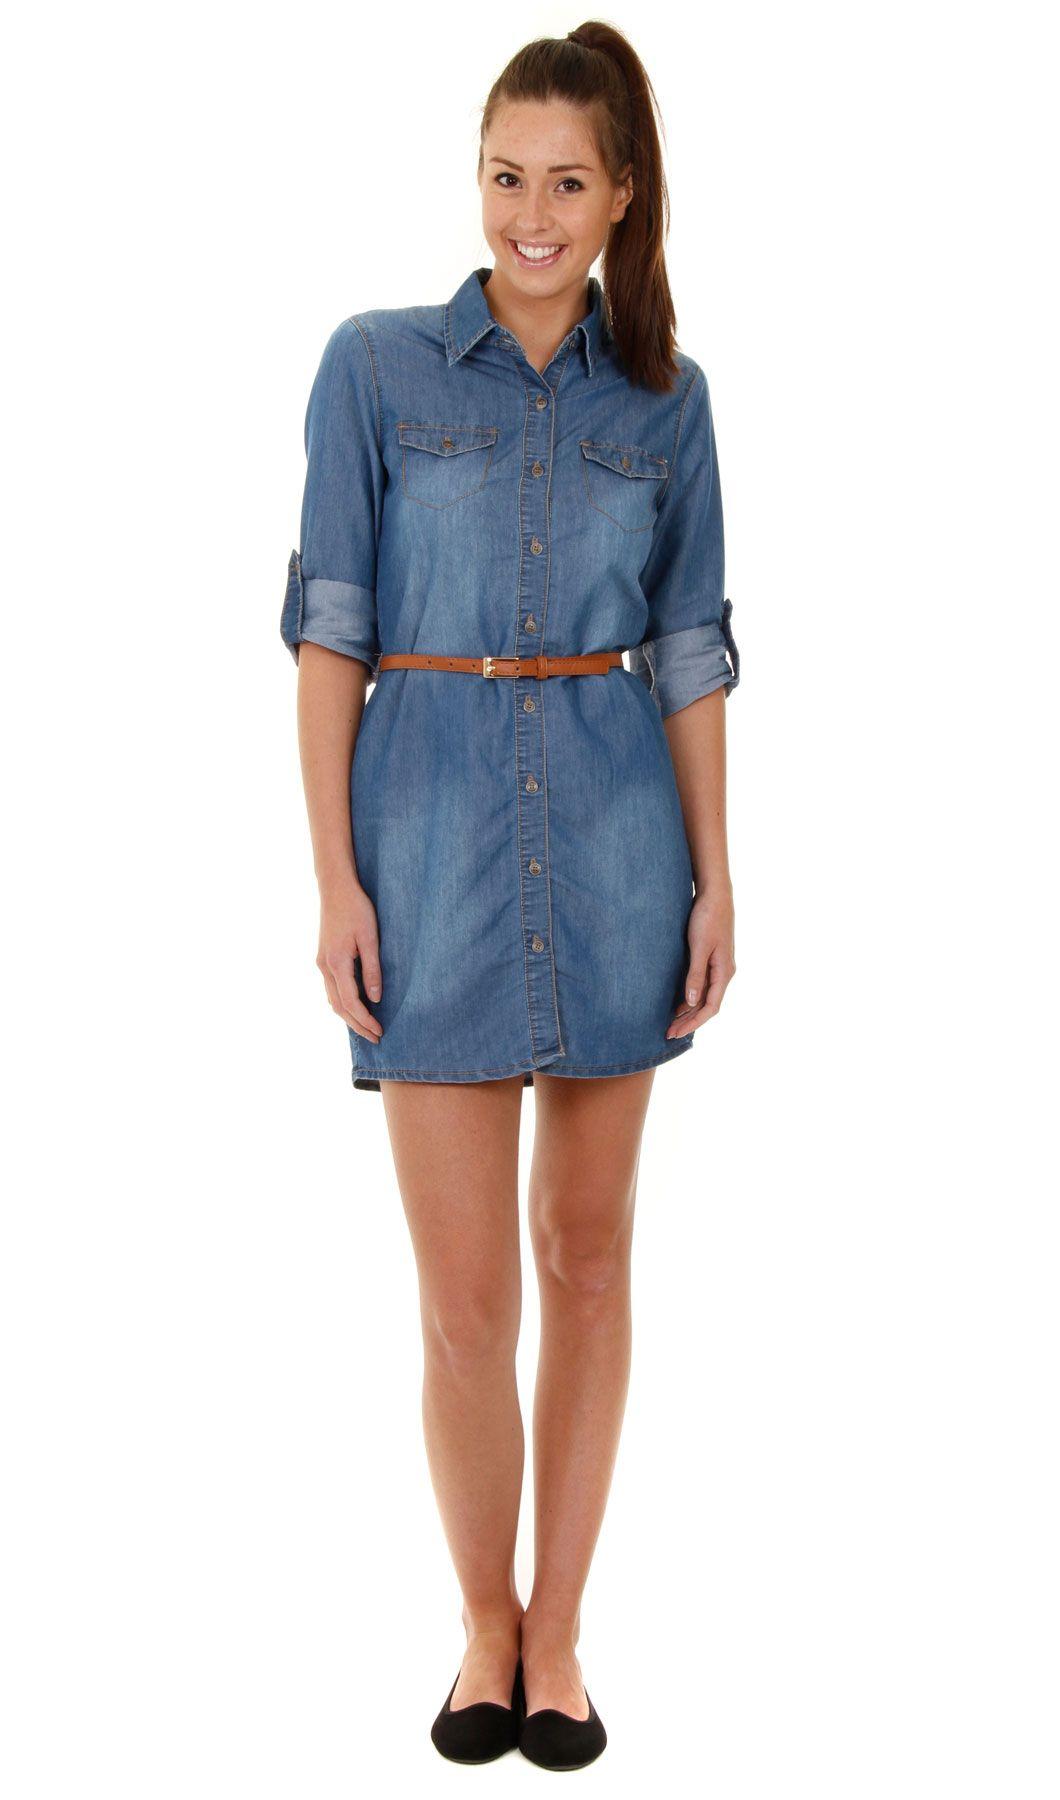 Jean dress shirt summer